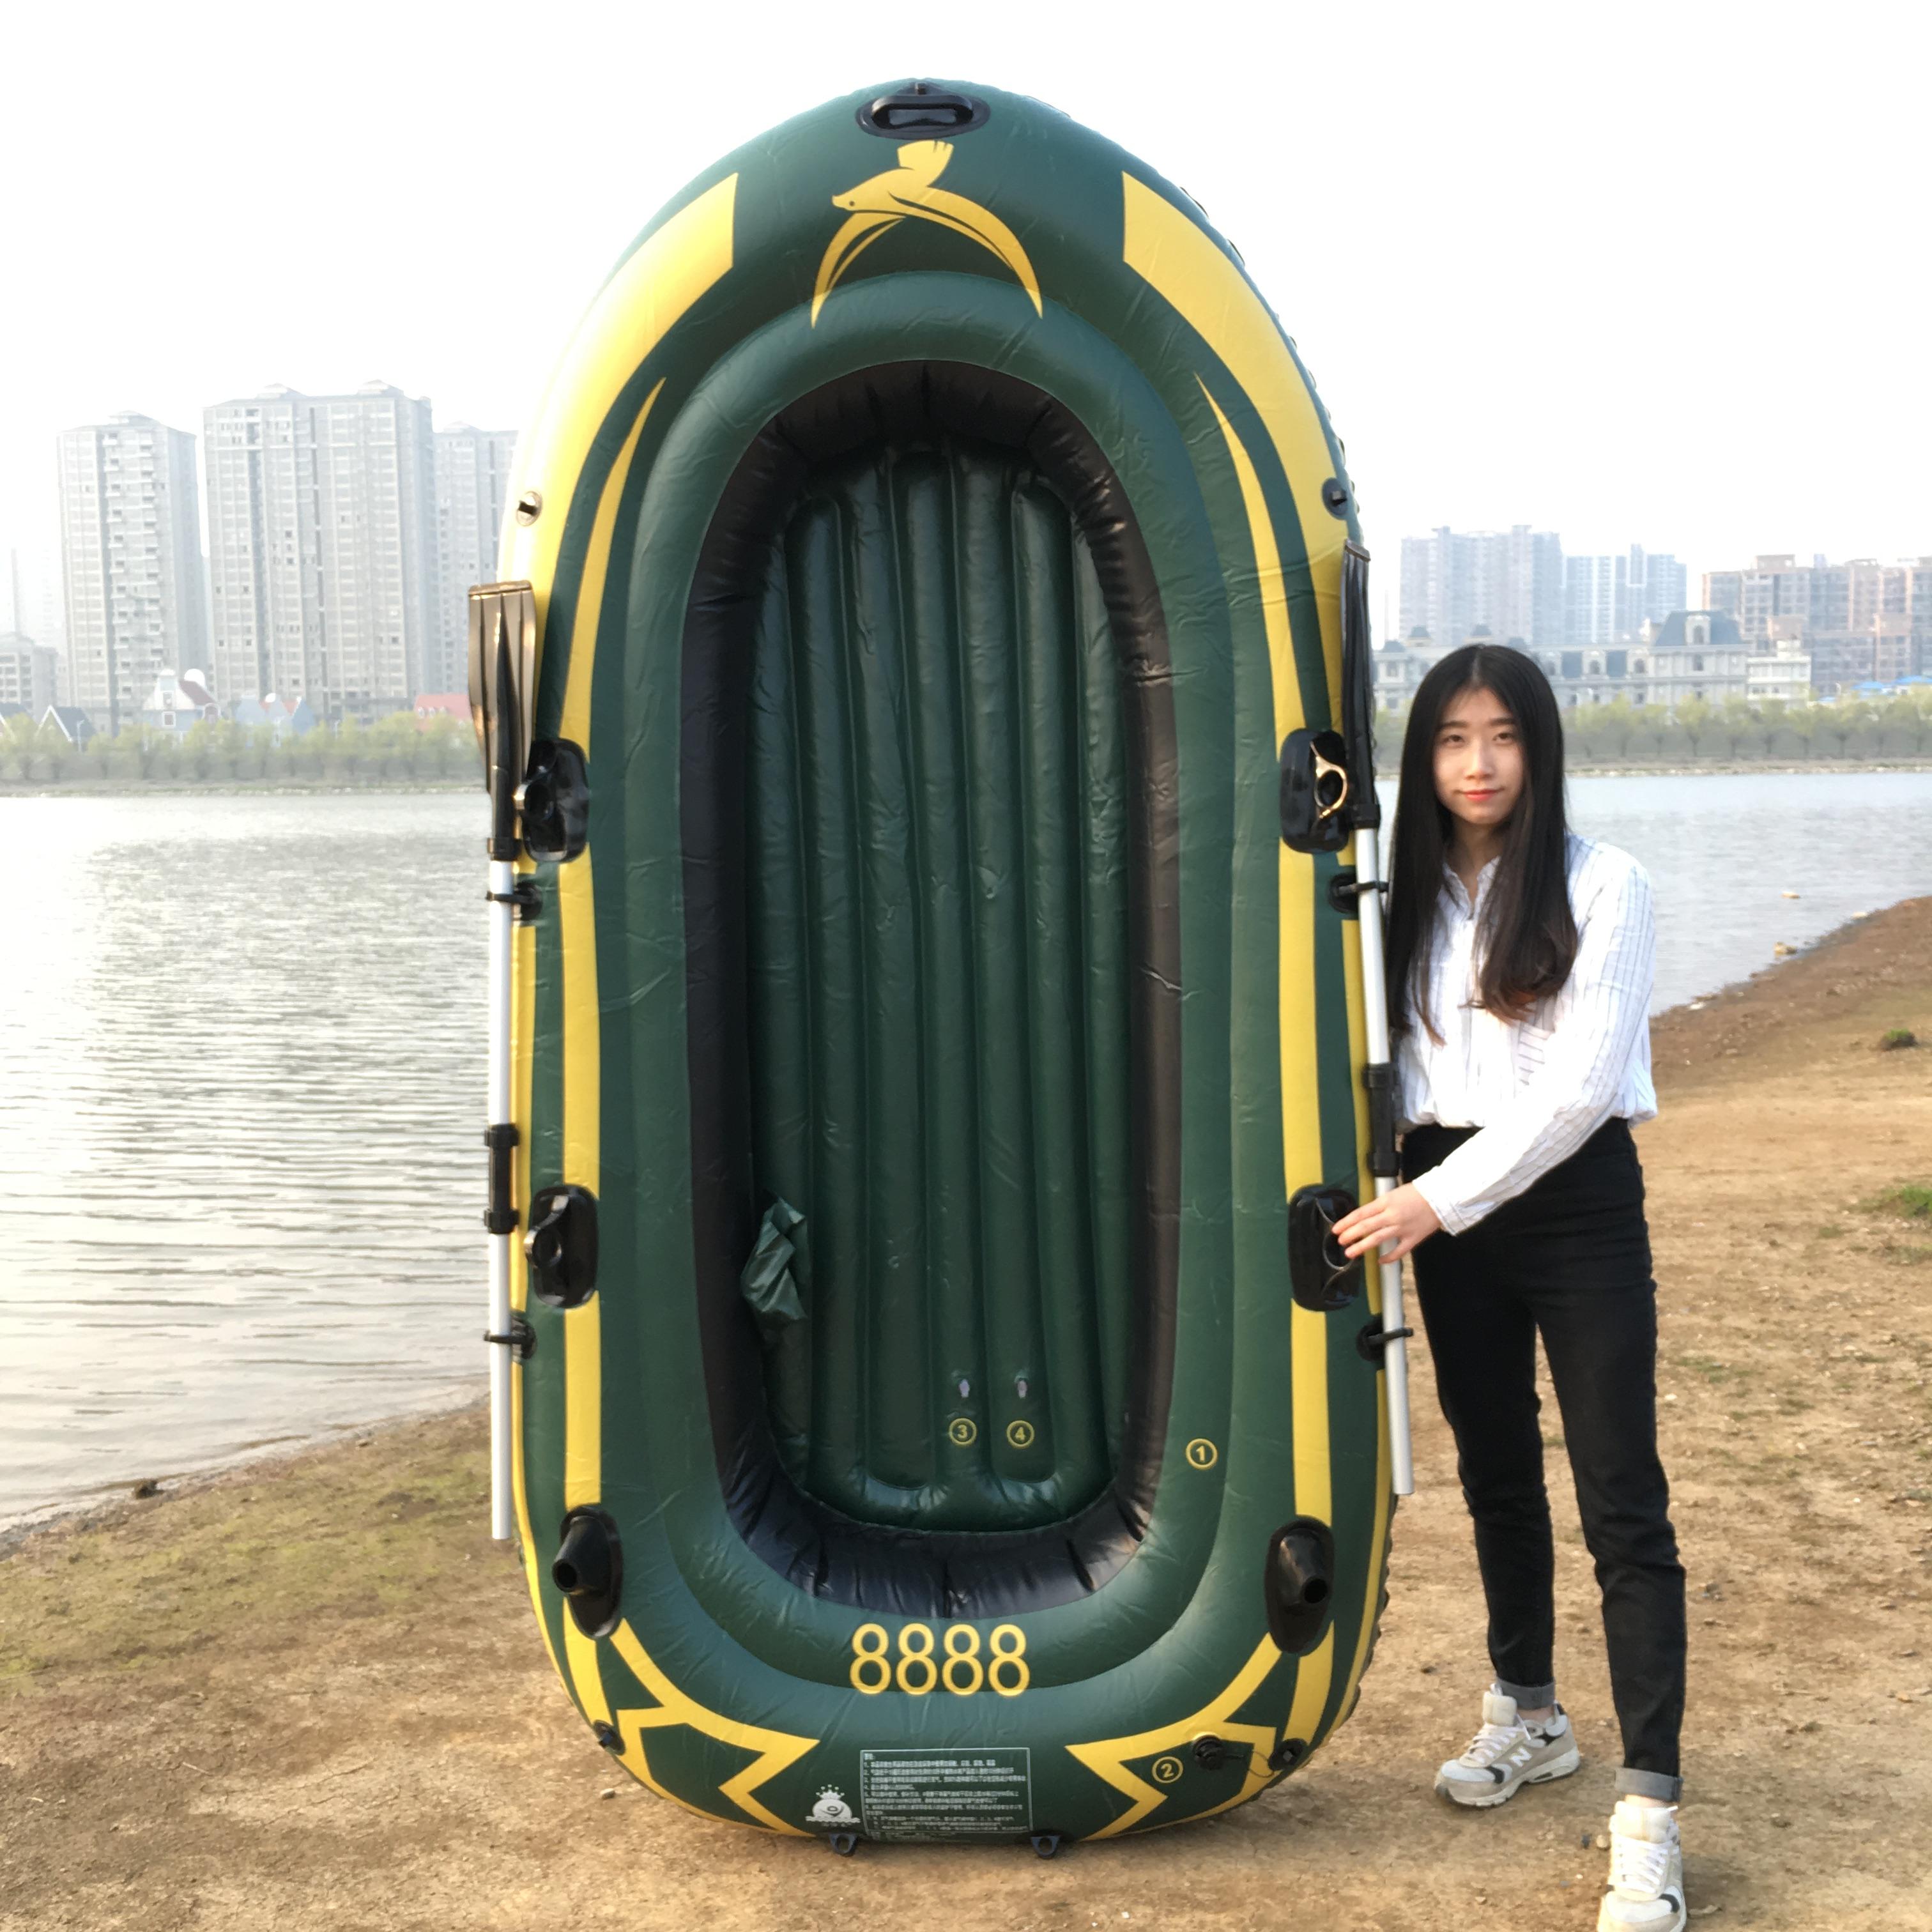 皮筏艇钓鱼船